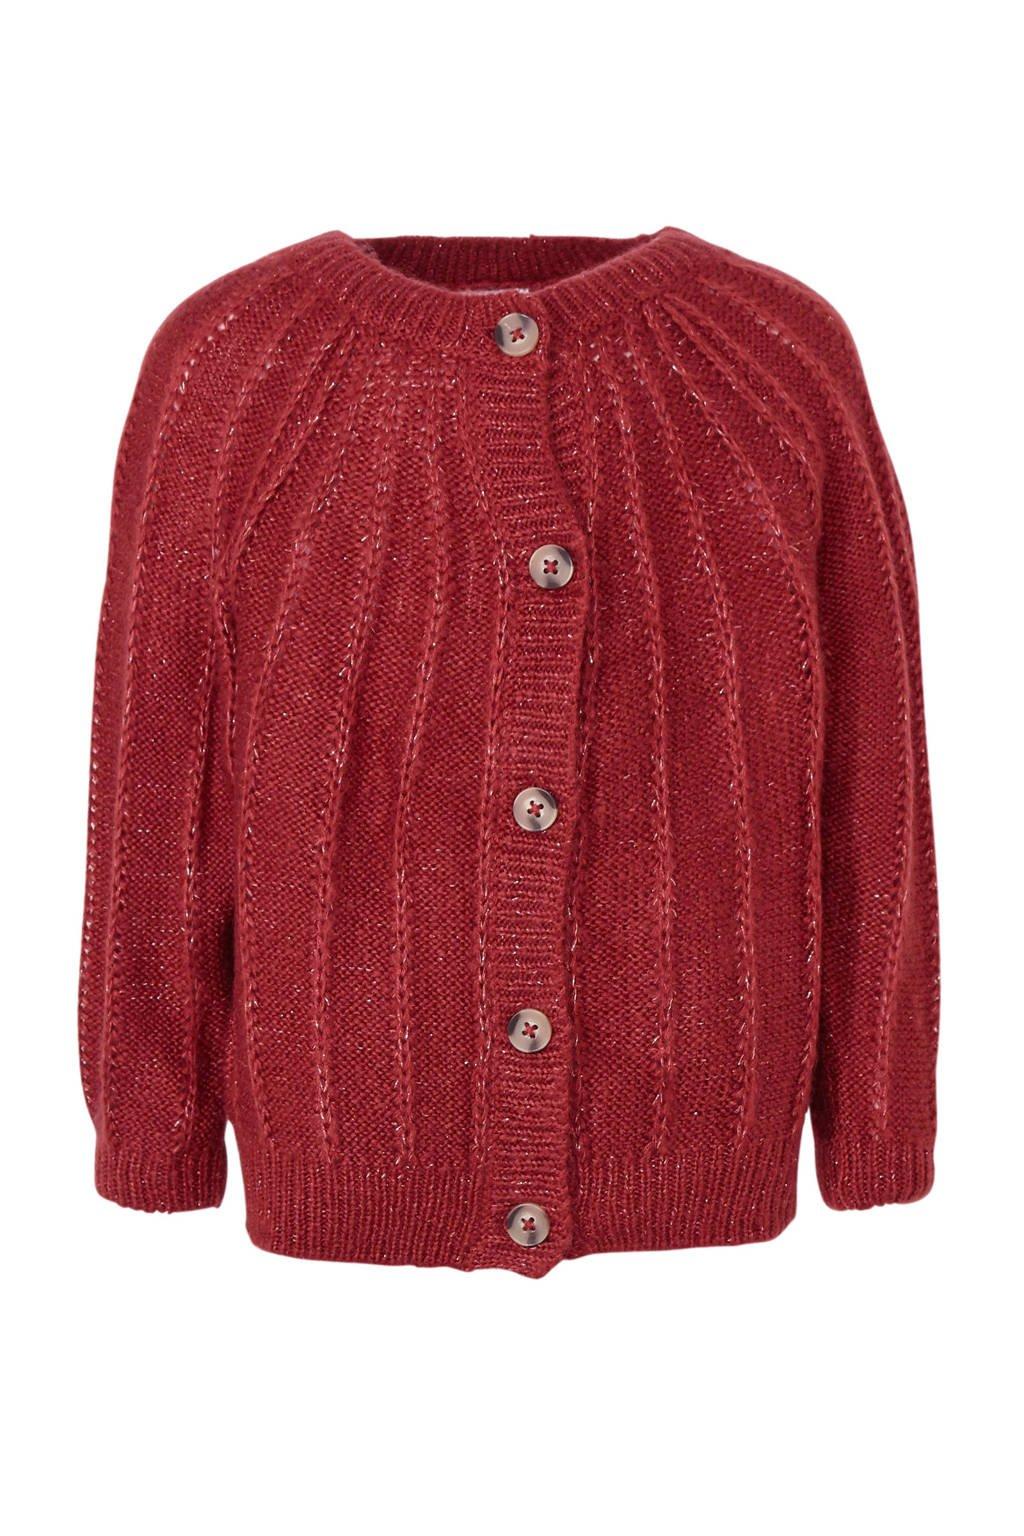 C&A Palomino grofgebreid vest met glitters donkerrood, Donkerrood